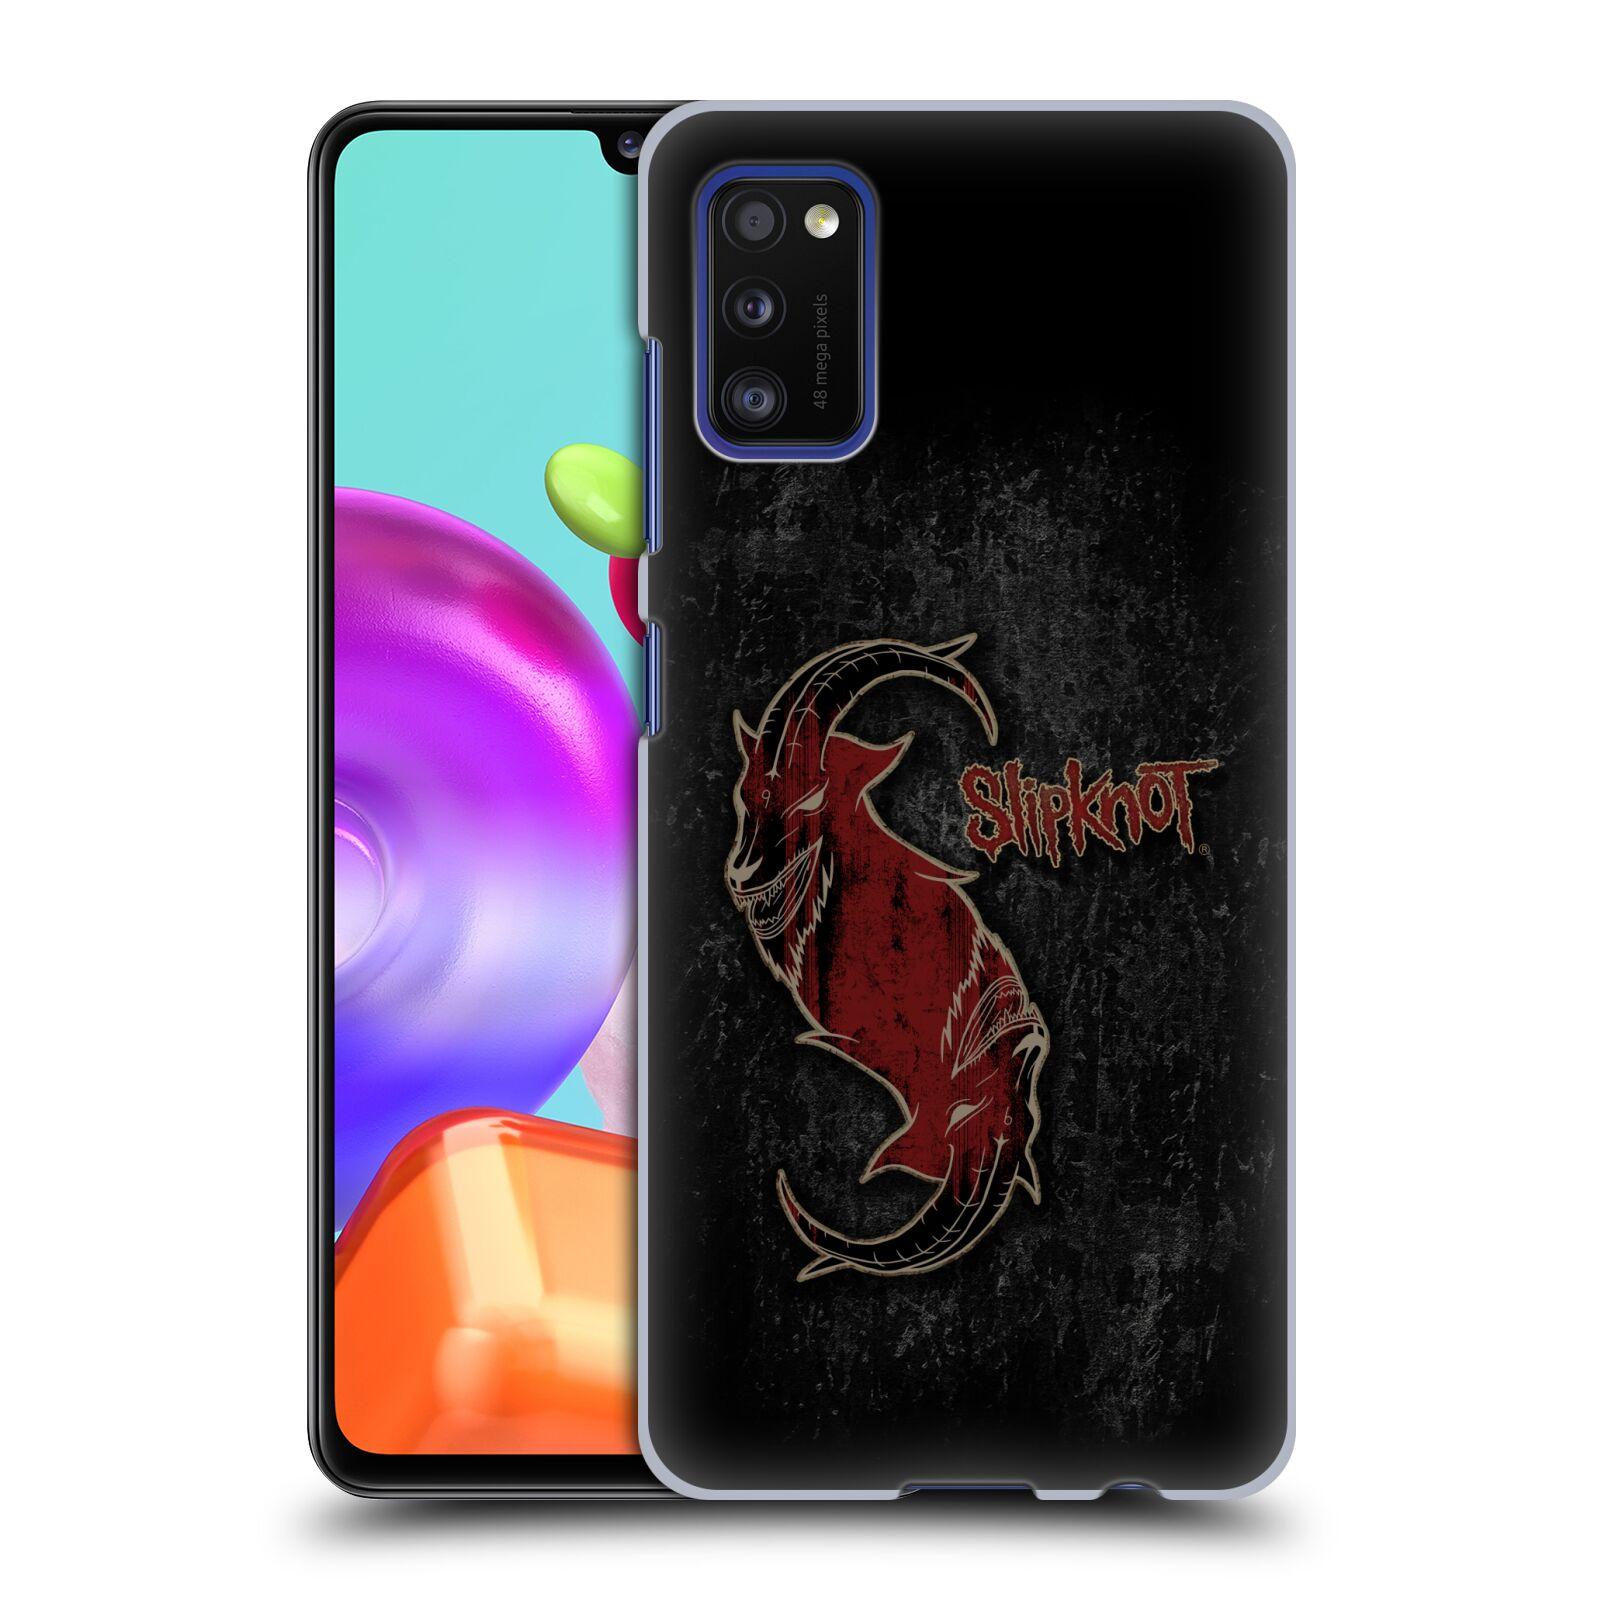 Plastové pouzdro na mobil Samsung Galaxy A41 - Head Case - Slipknot - Rudý kozel